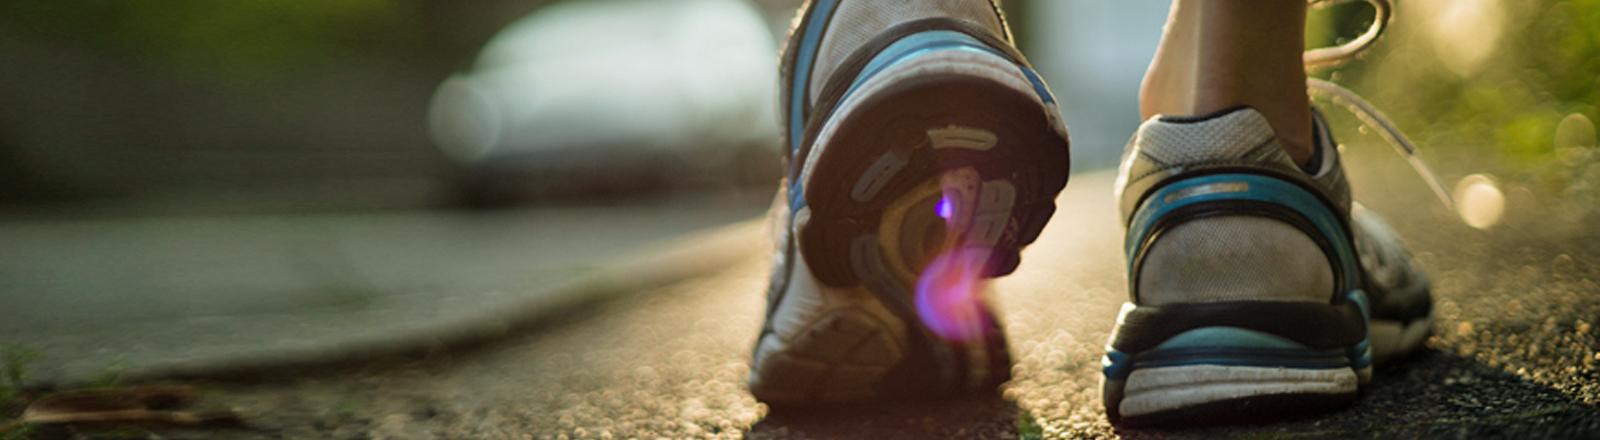 Ein Jogger in Laufschuhen auf einer Straße.